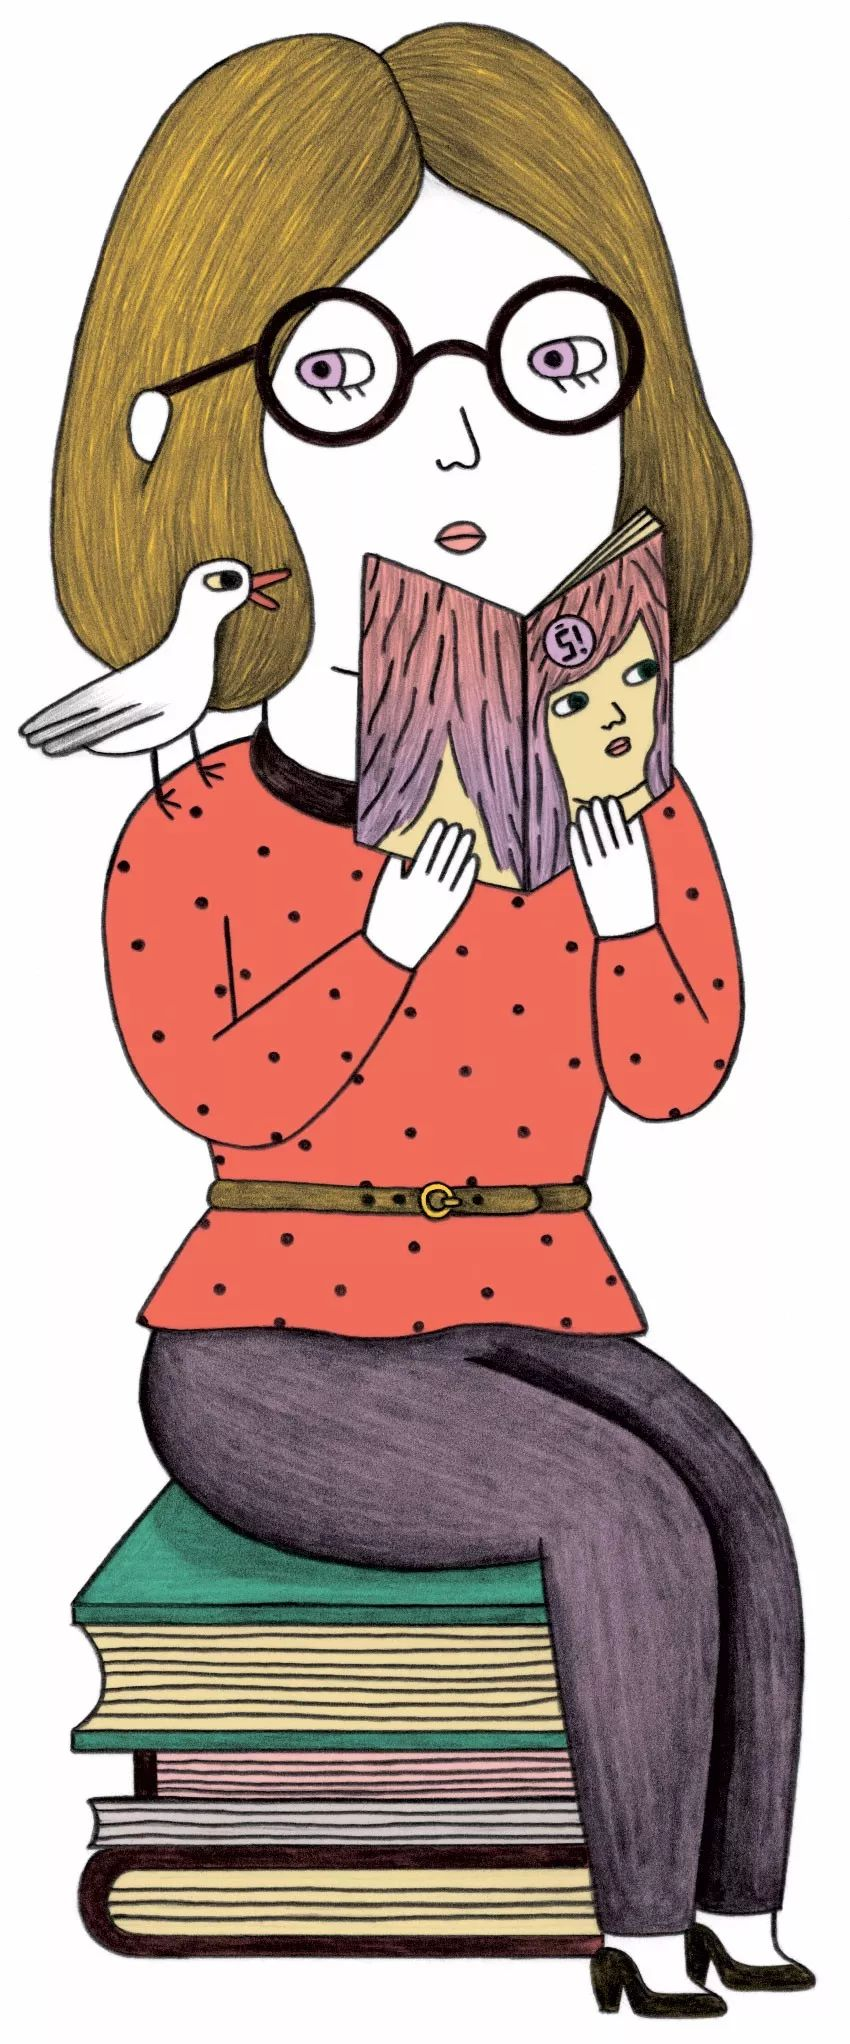 胖墩墩的小圆脸 Ana albero卡通角色人物设计